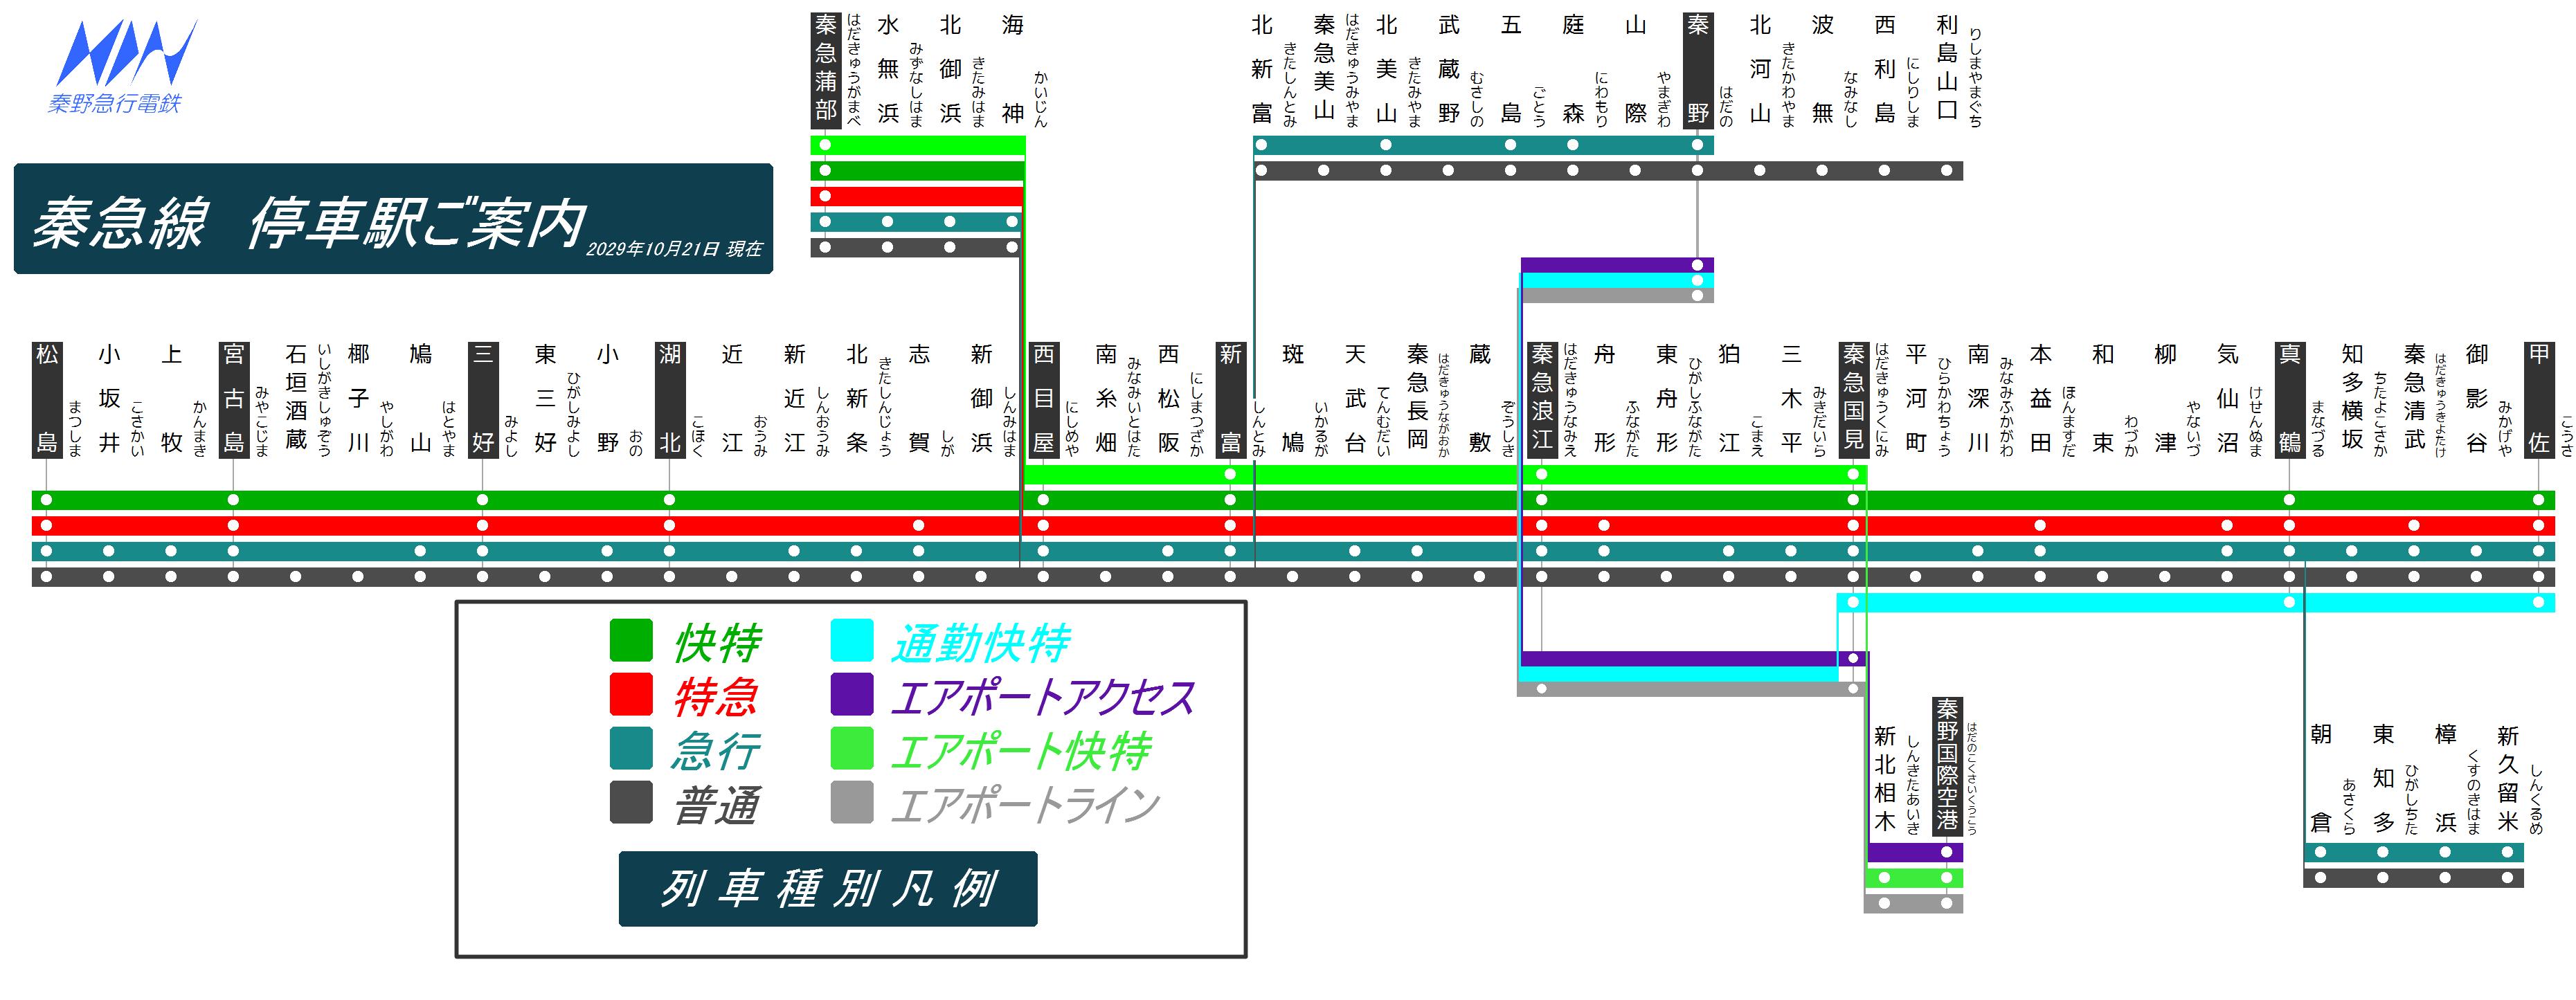 秦野急行電鉄路線図2029